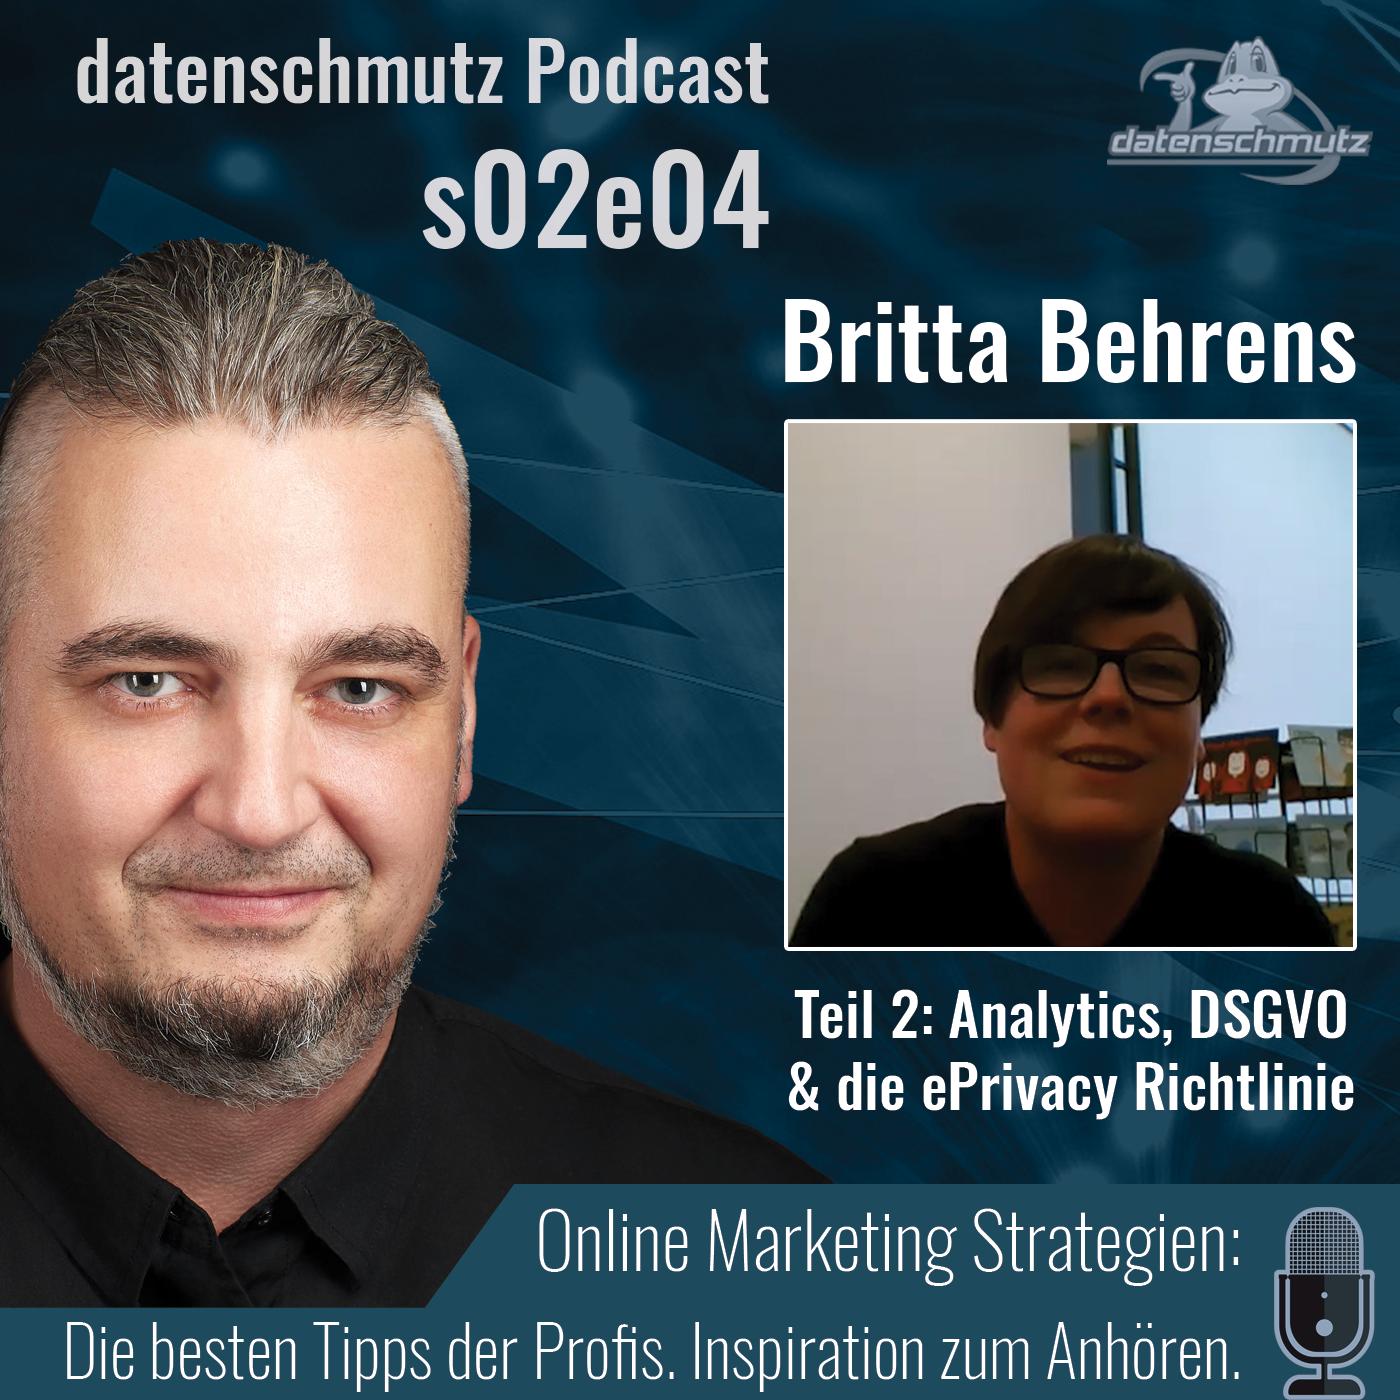 Britta Behrens im datenschmutz Podcast - Analytics